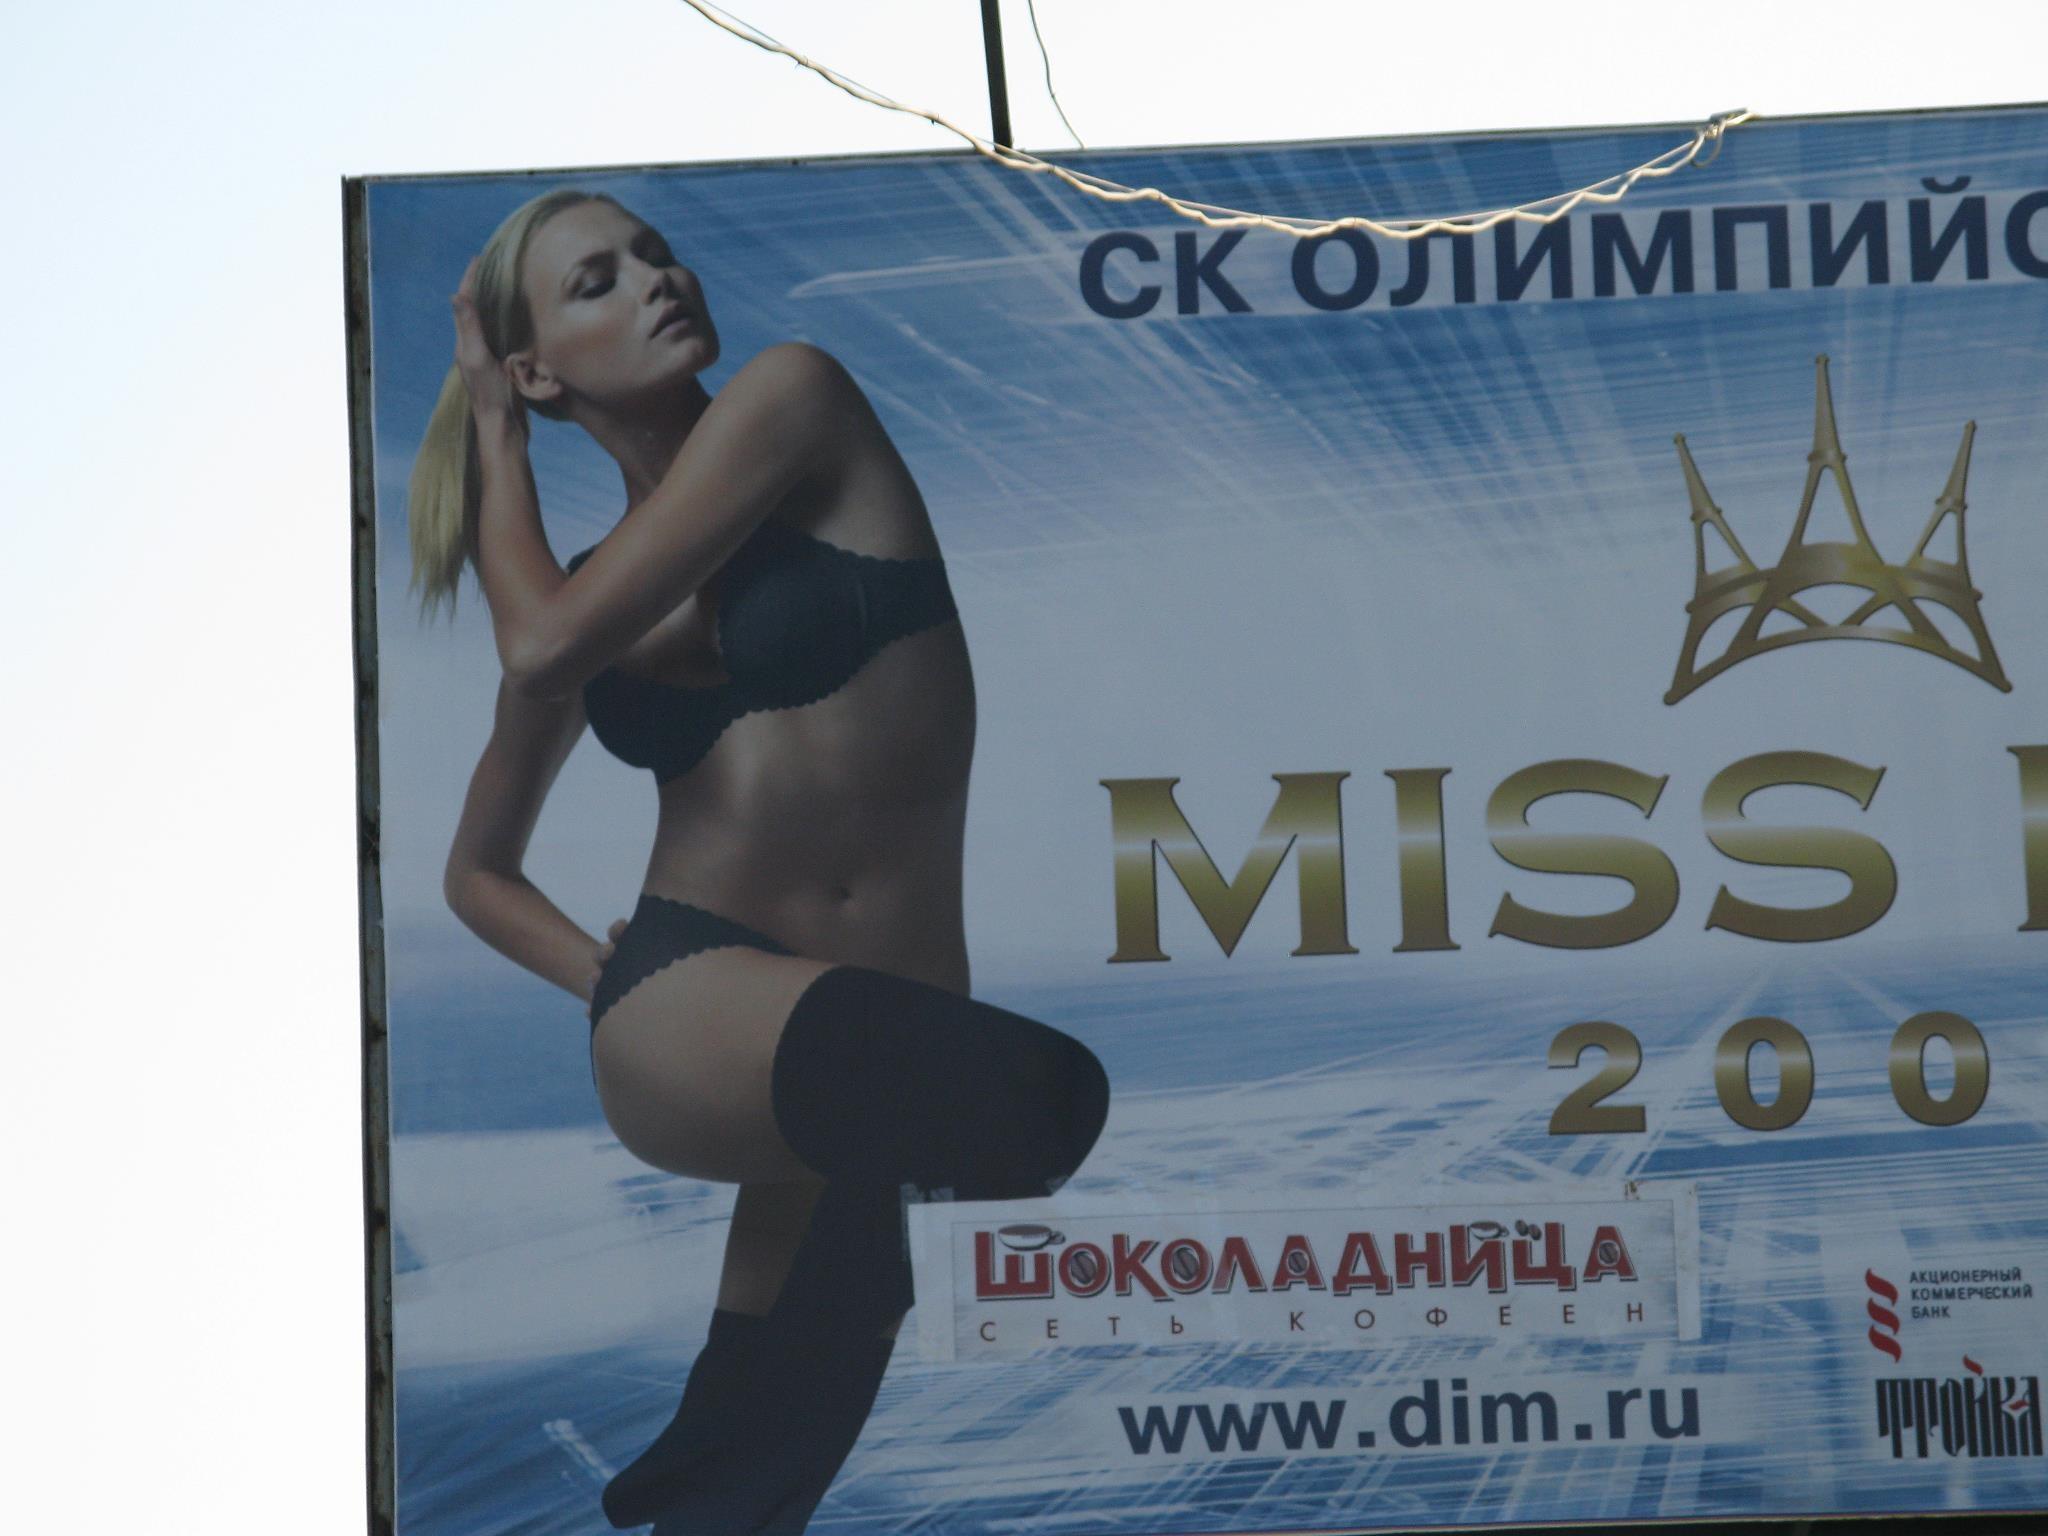 Фото помилок в рекламі 14 фотография